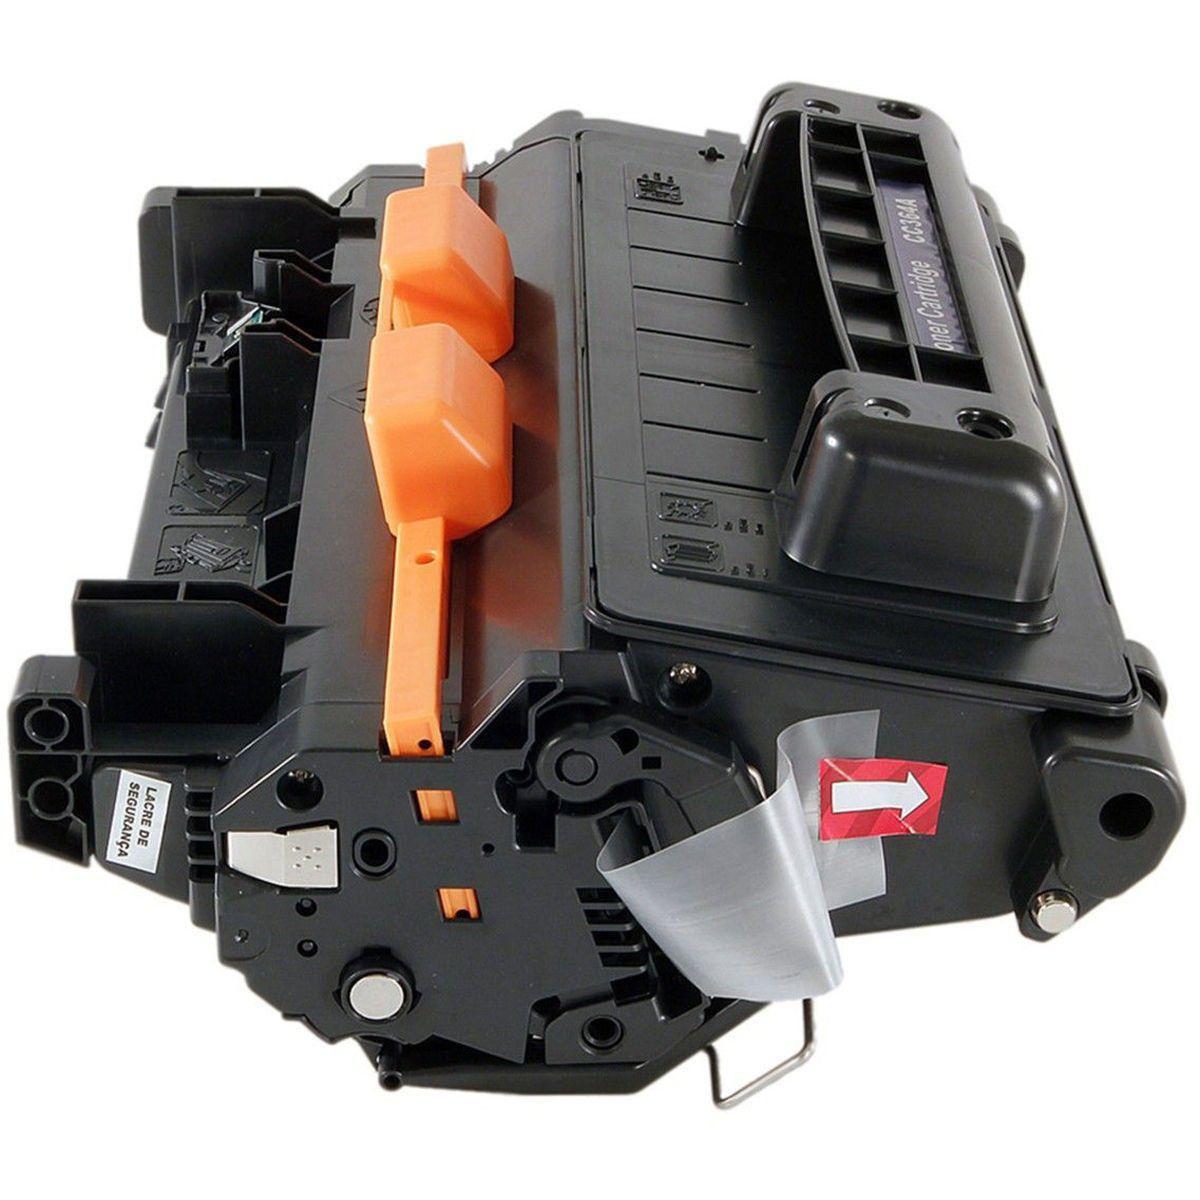 Compatível: Toner CC364A 364A para HP P4014 P4014n P4014dn P4015 P4015dn P4515 P4515n P4515dn P4515x / Preto / 10.000